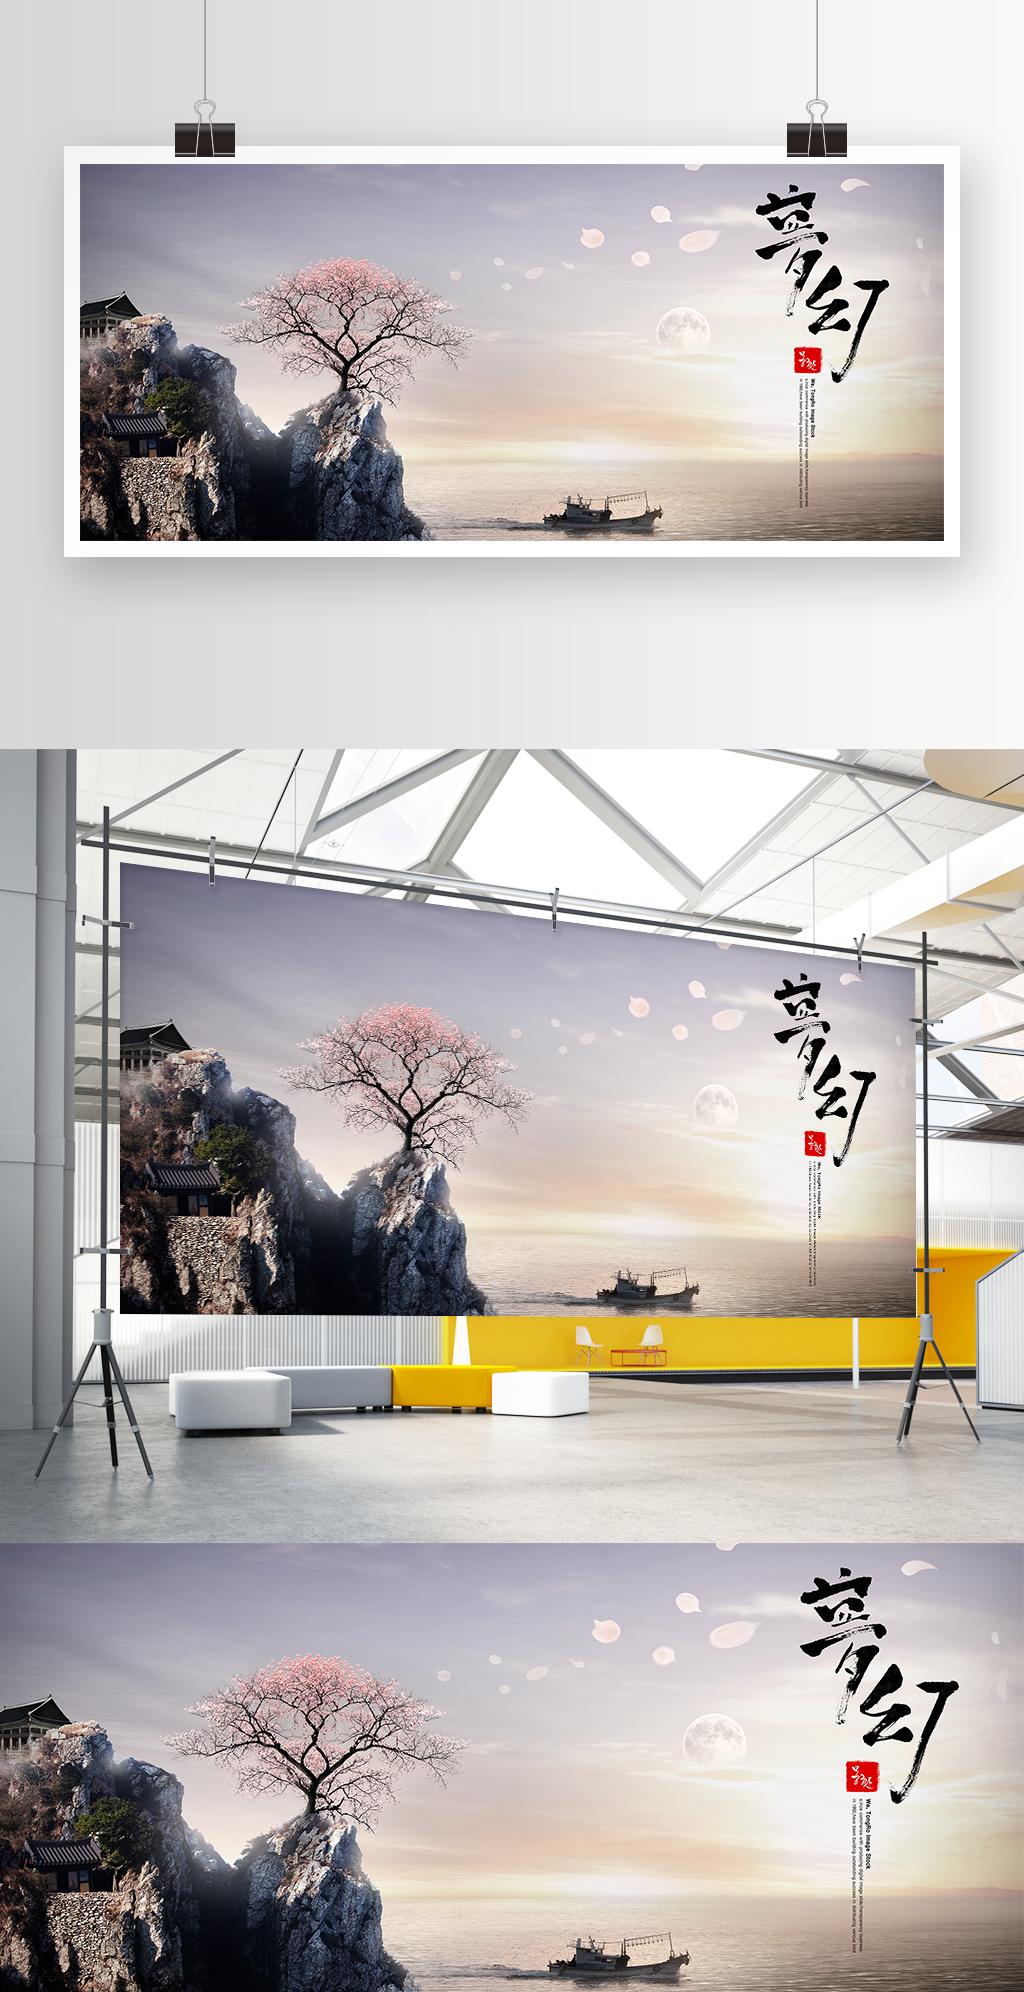 游戏梦幻桃花浪漫场景大海悬崖古代建筑海报素材